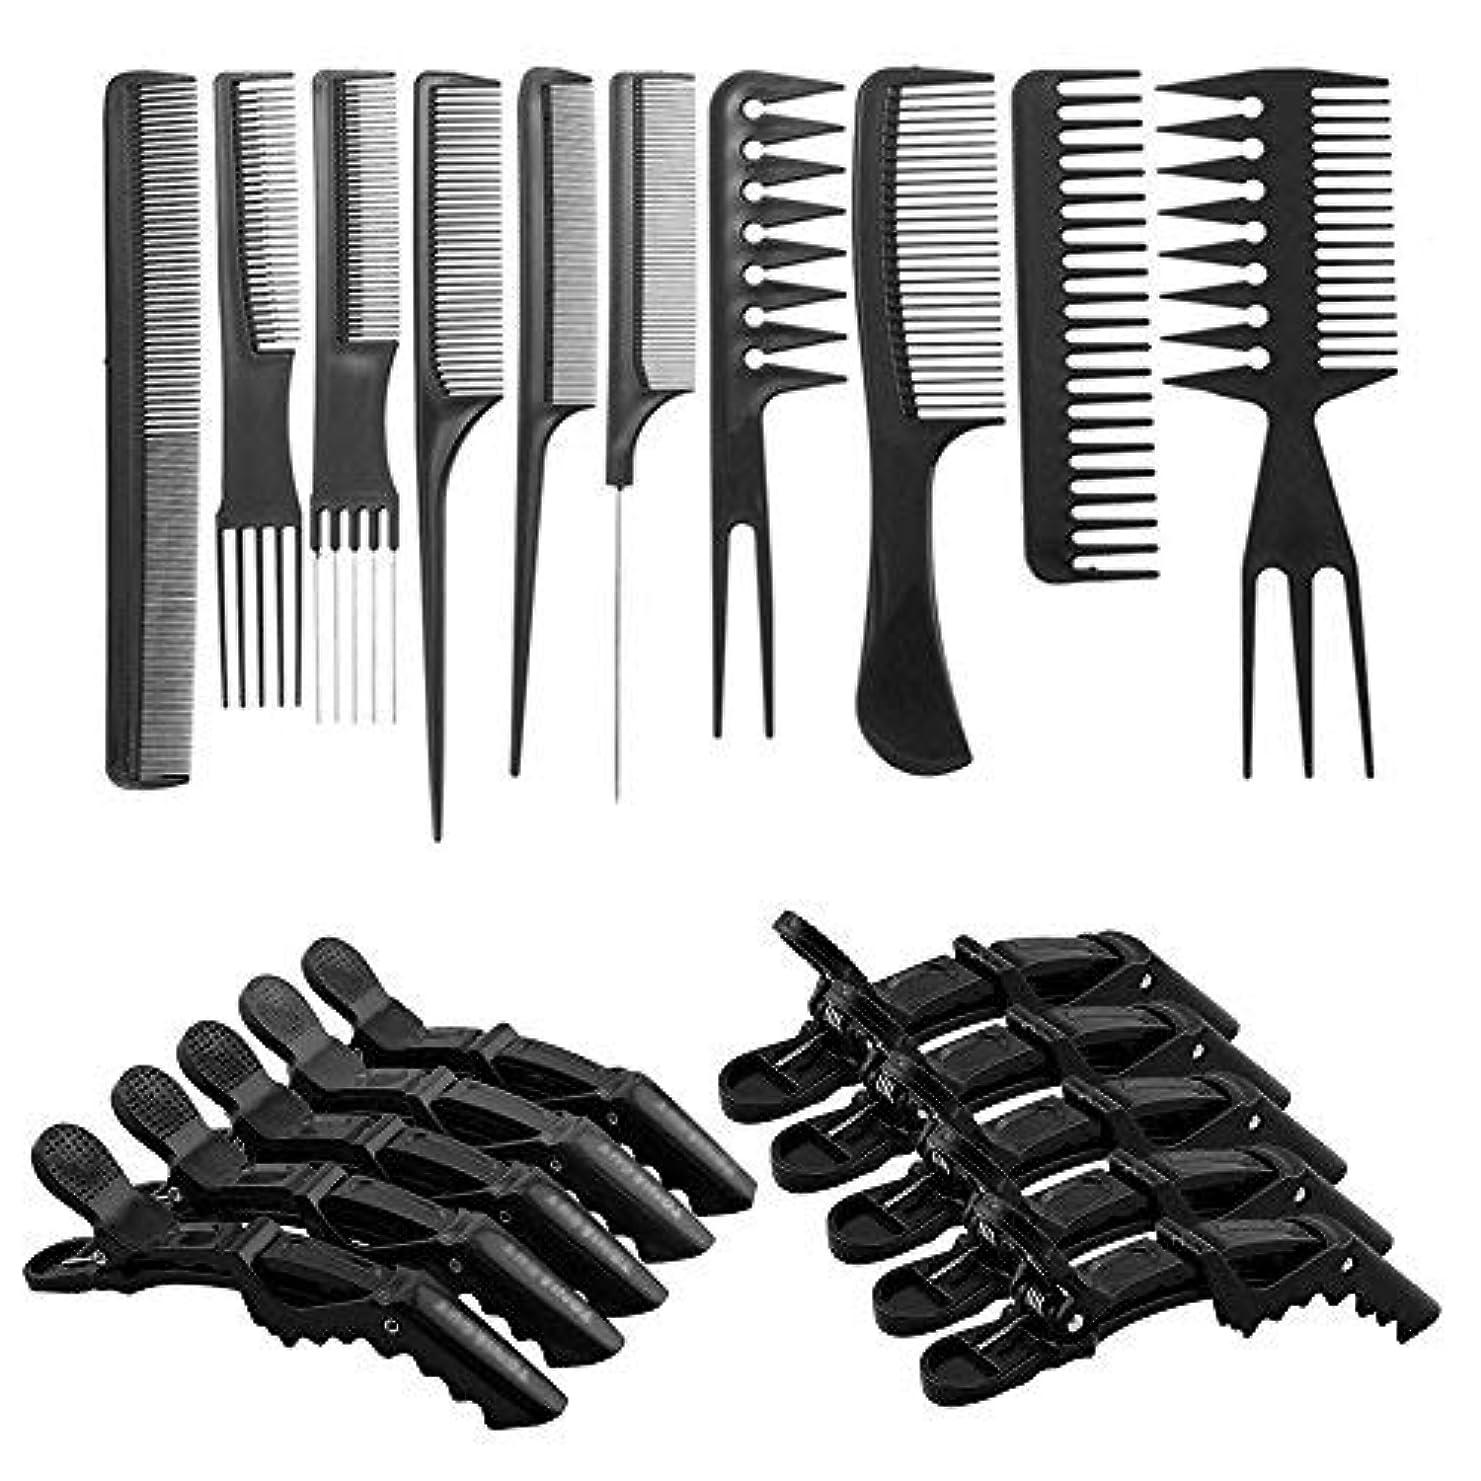 早めるペレグリネーション地獄10 Pcs Professional Hair Styling Comb Set with Styling Clips [並行輸入品]